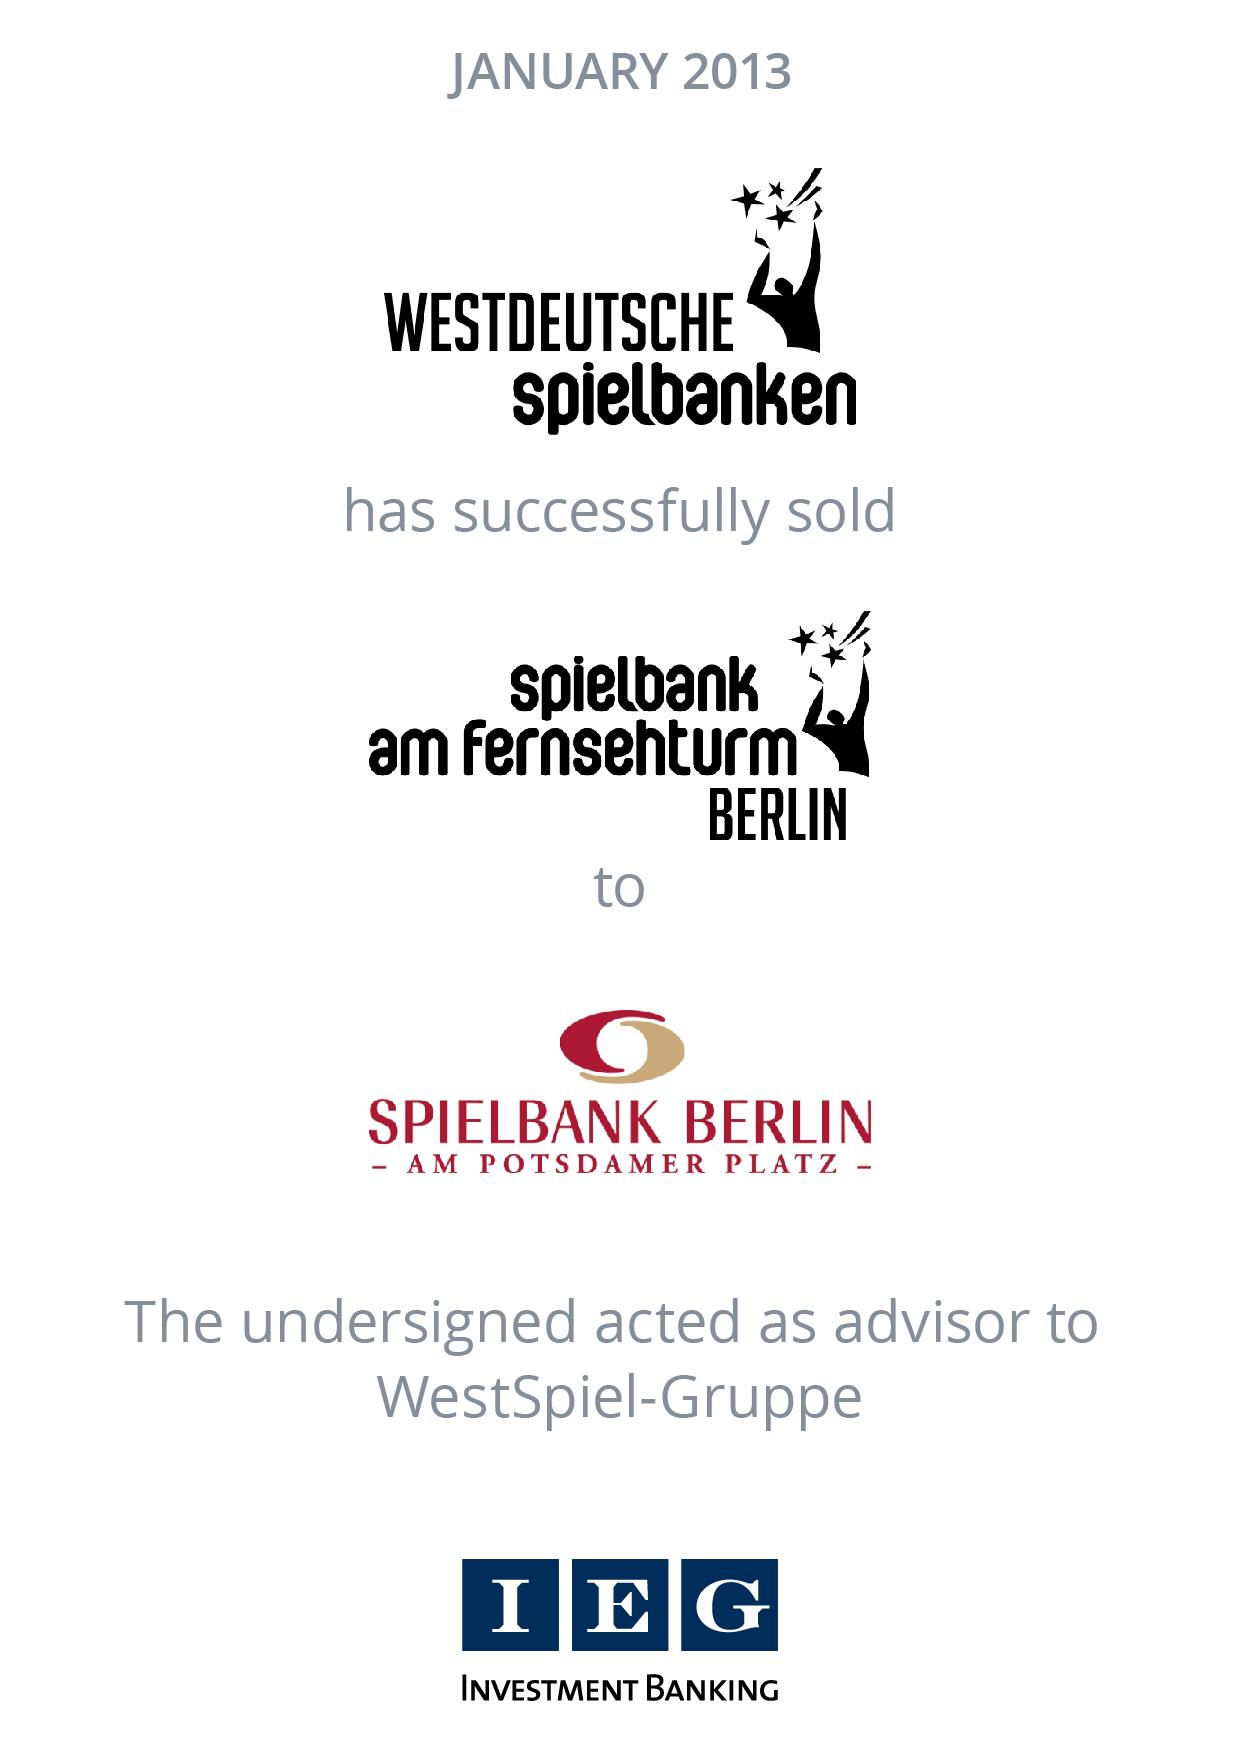 westdeutsche spielbanken